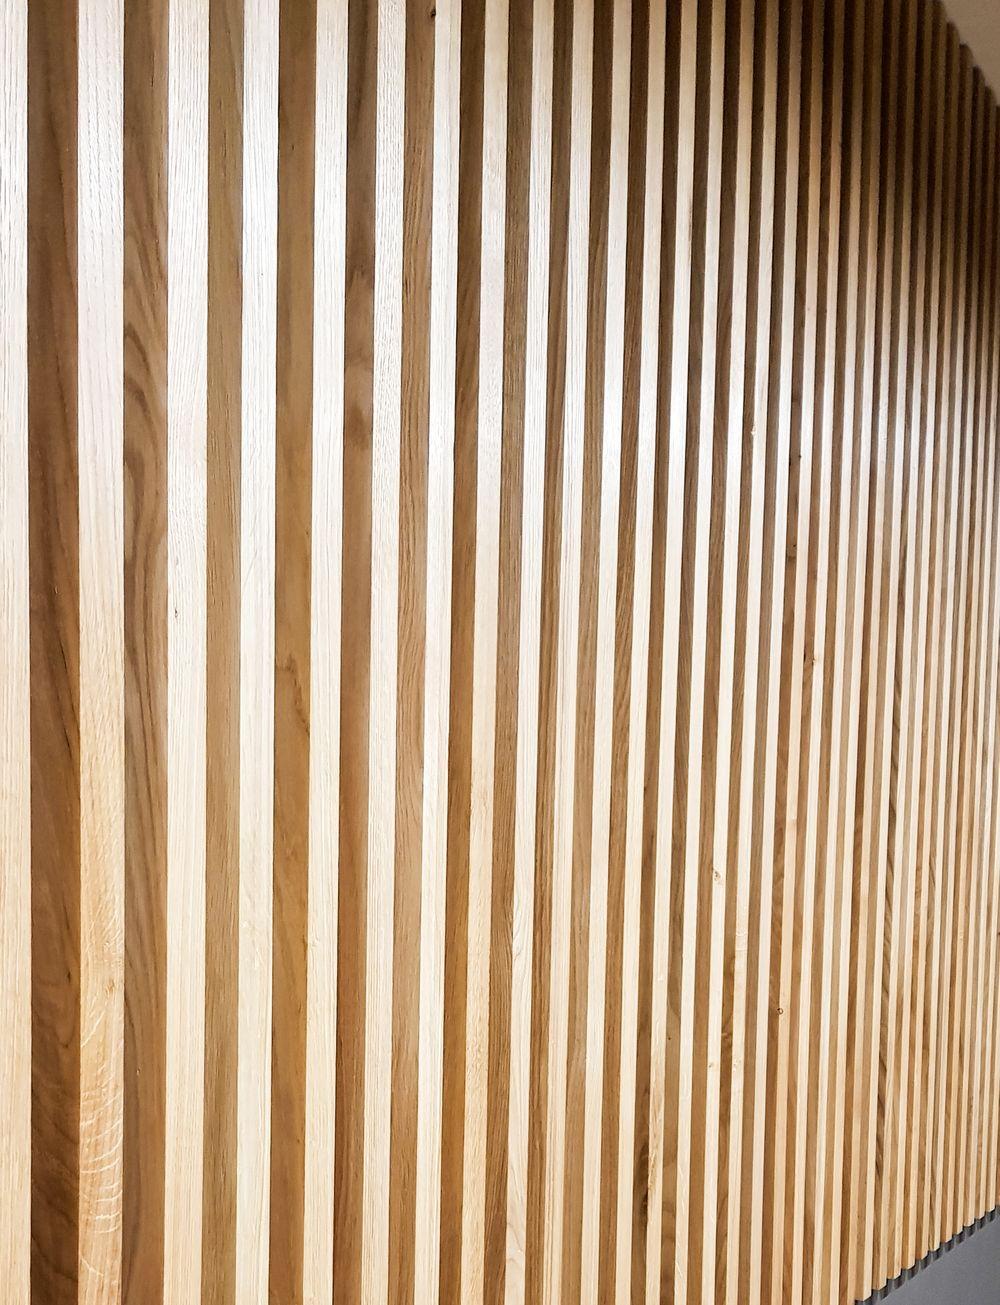 навалом, естественно деревянные рейки фото непосредственно